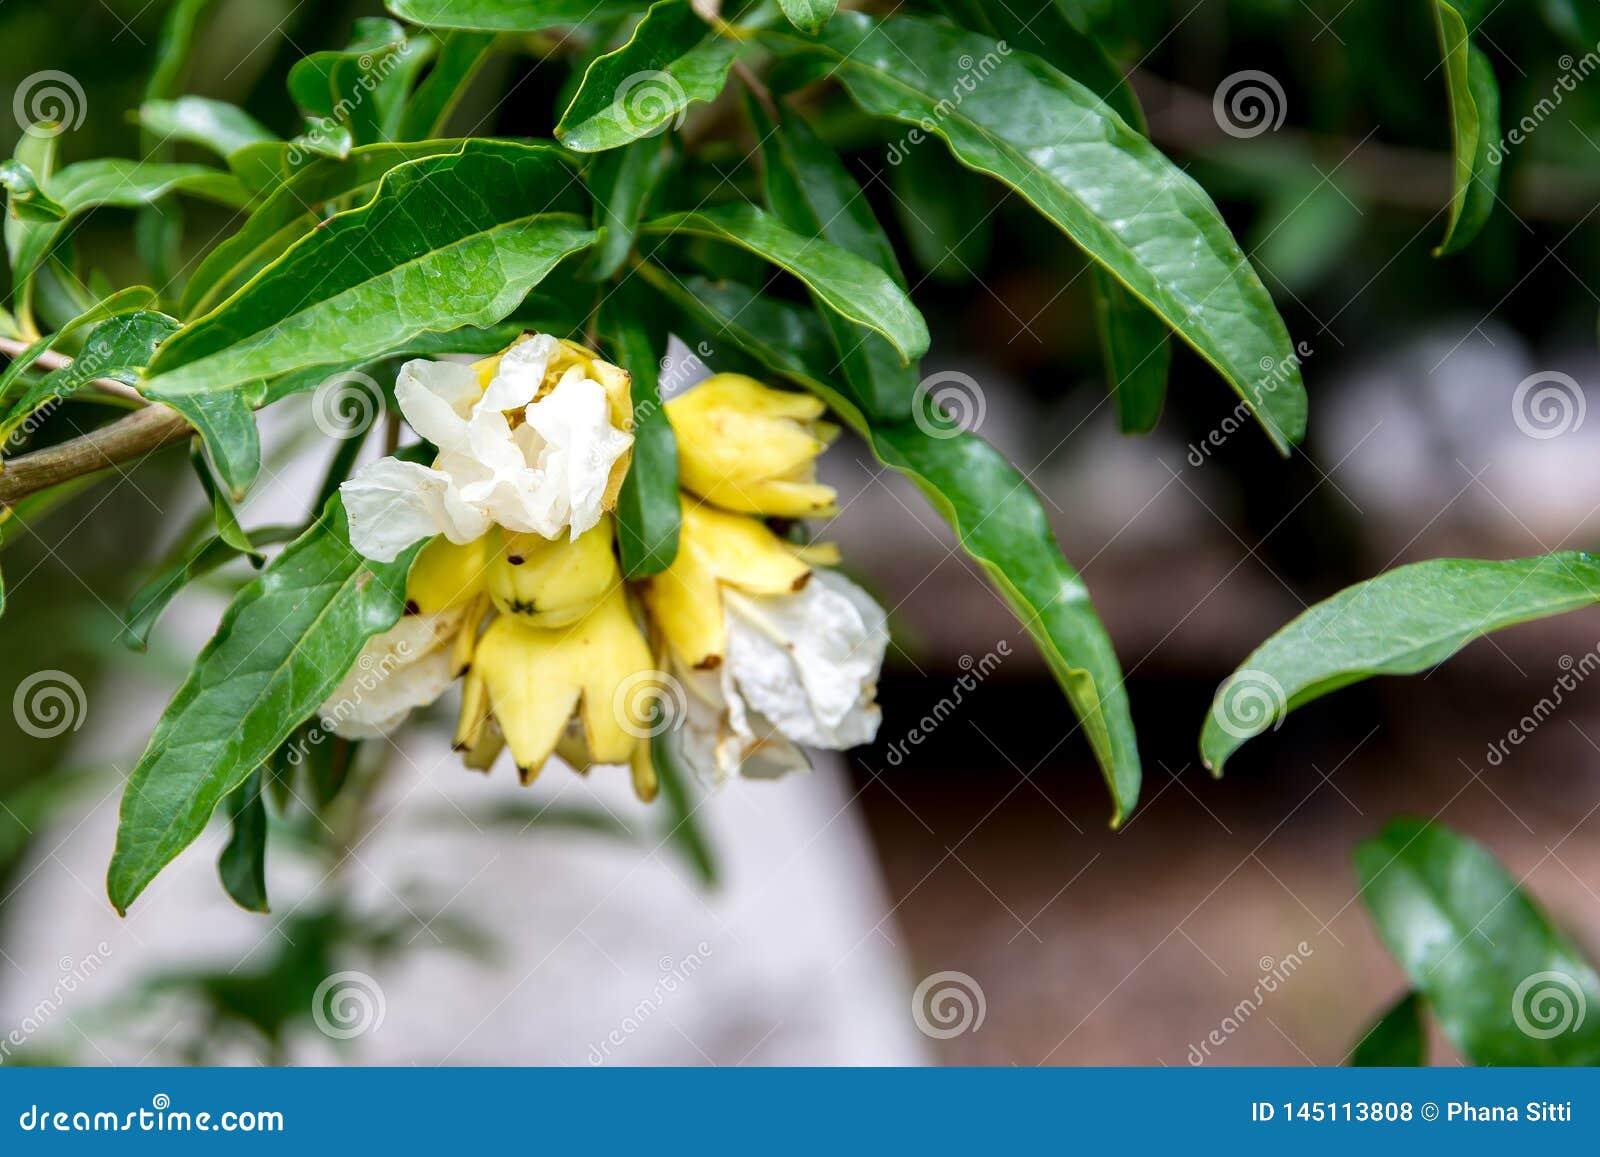 Flores del árbol de granada en el parque Flor amarilla de la granada con las hojas